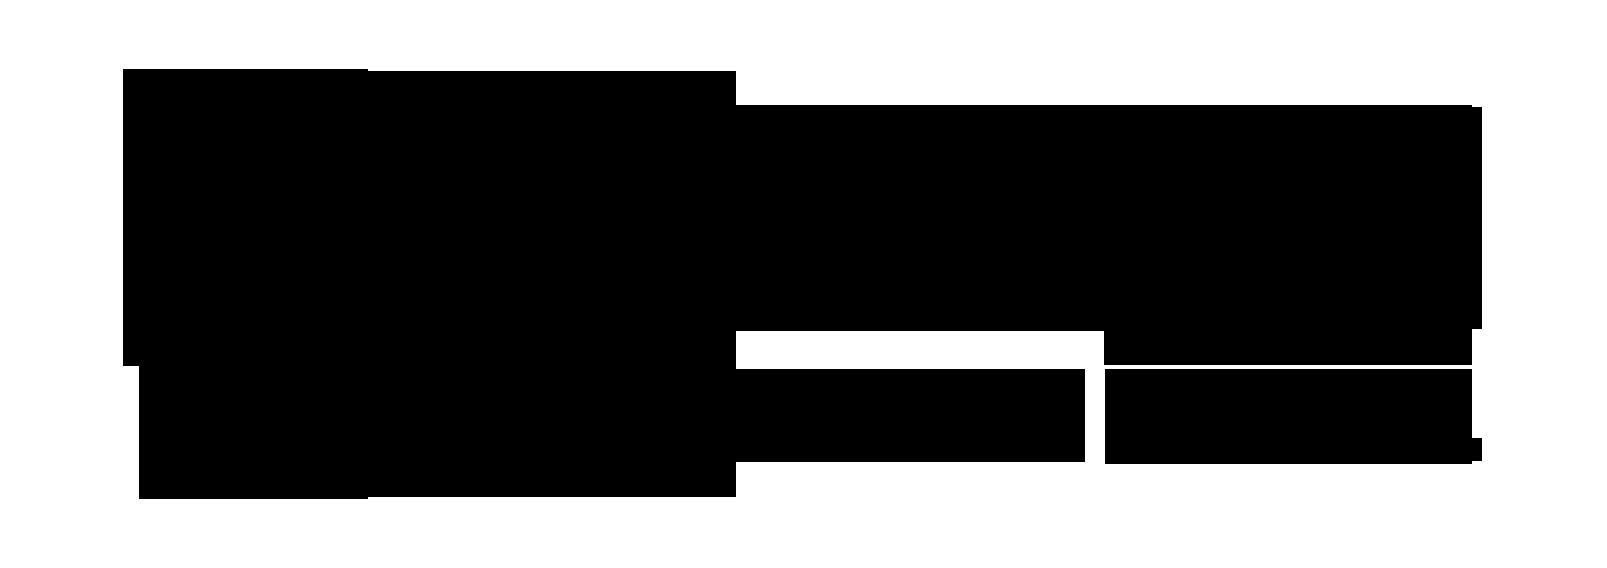 logo-escuelas-upv